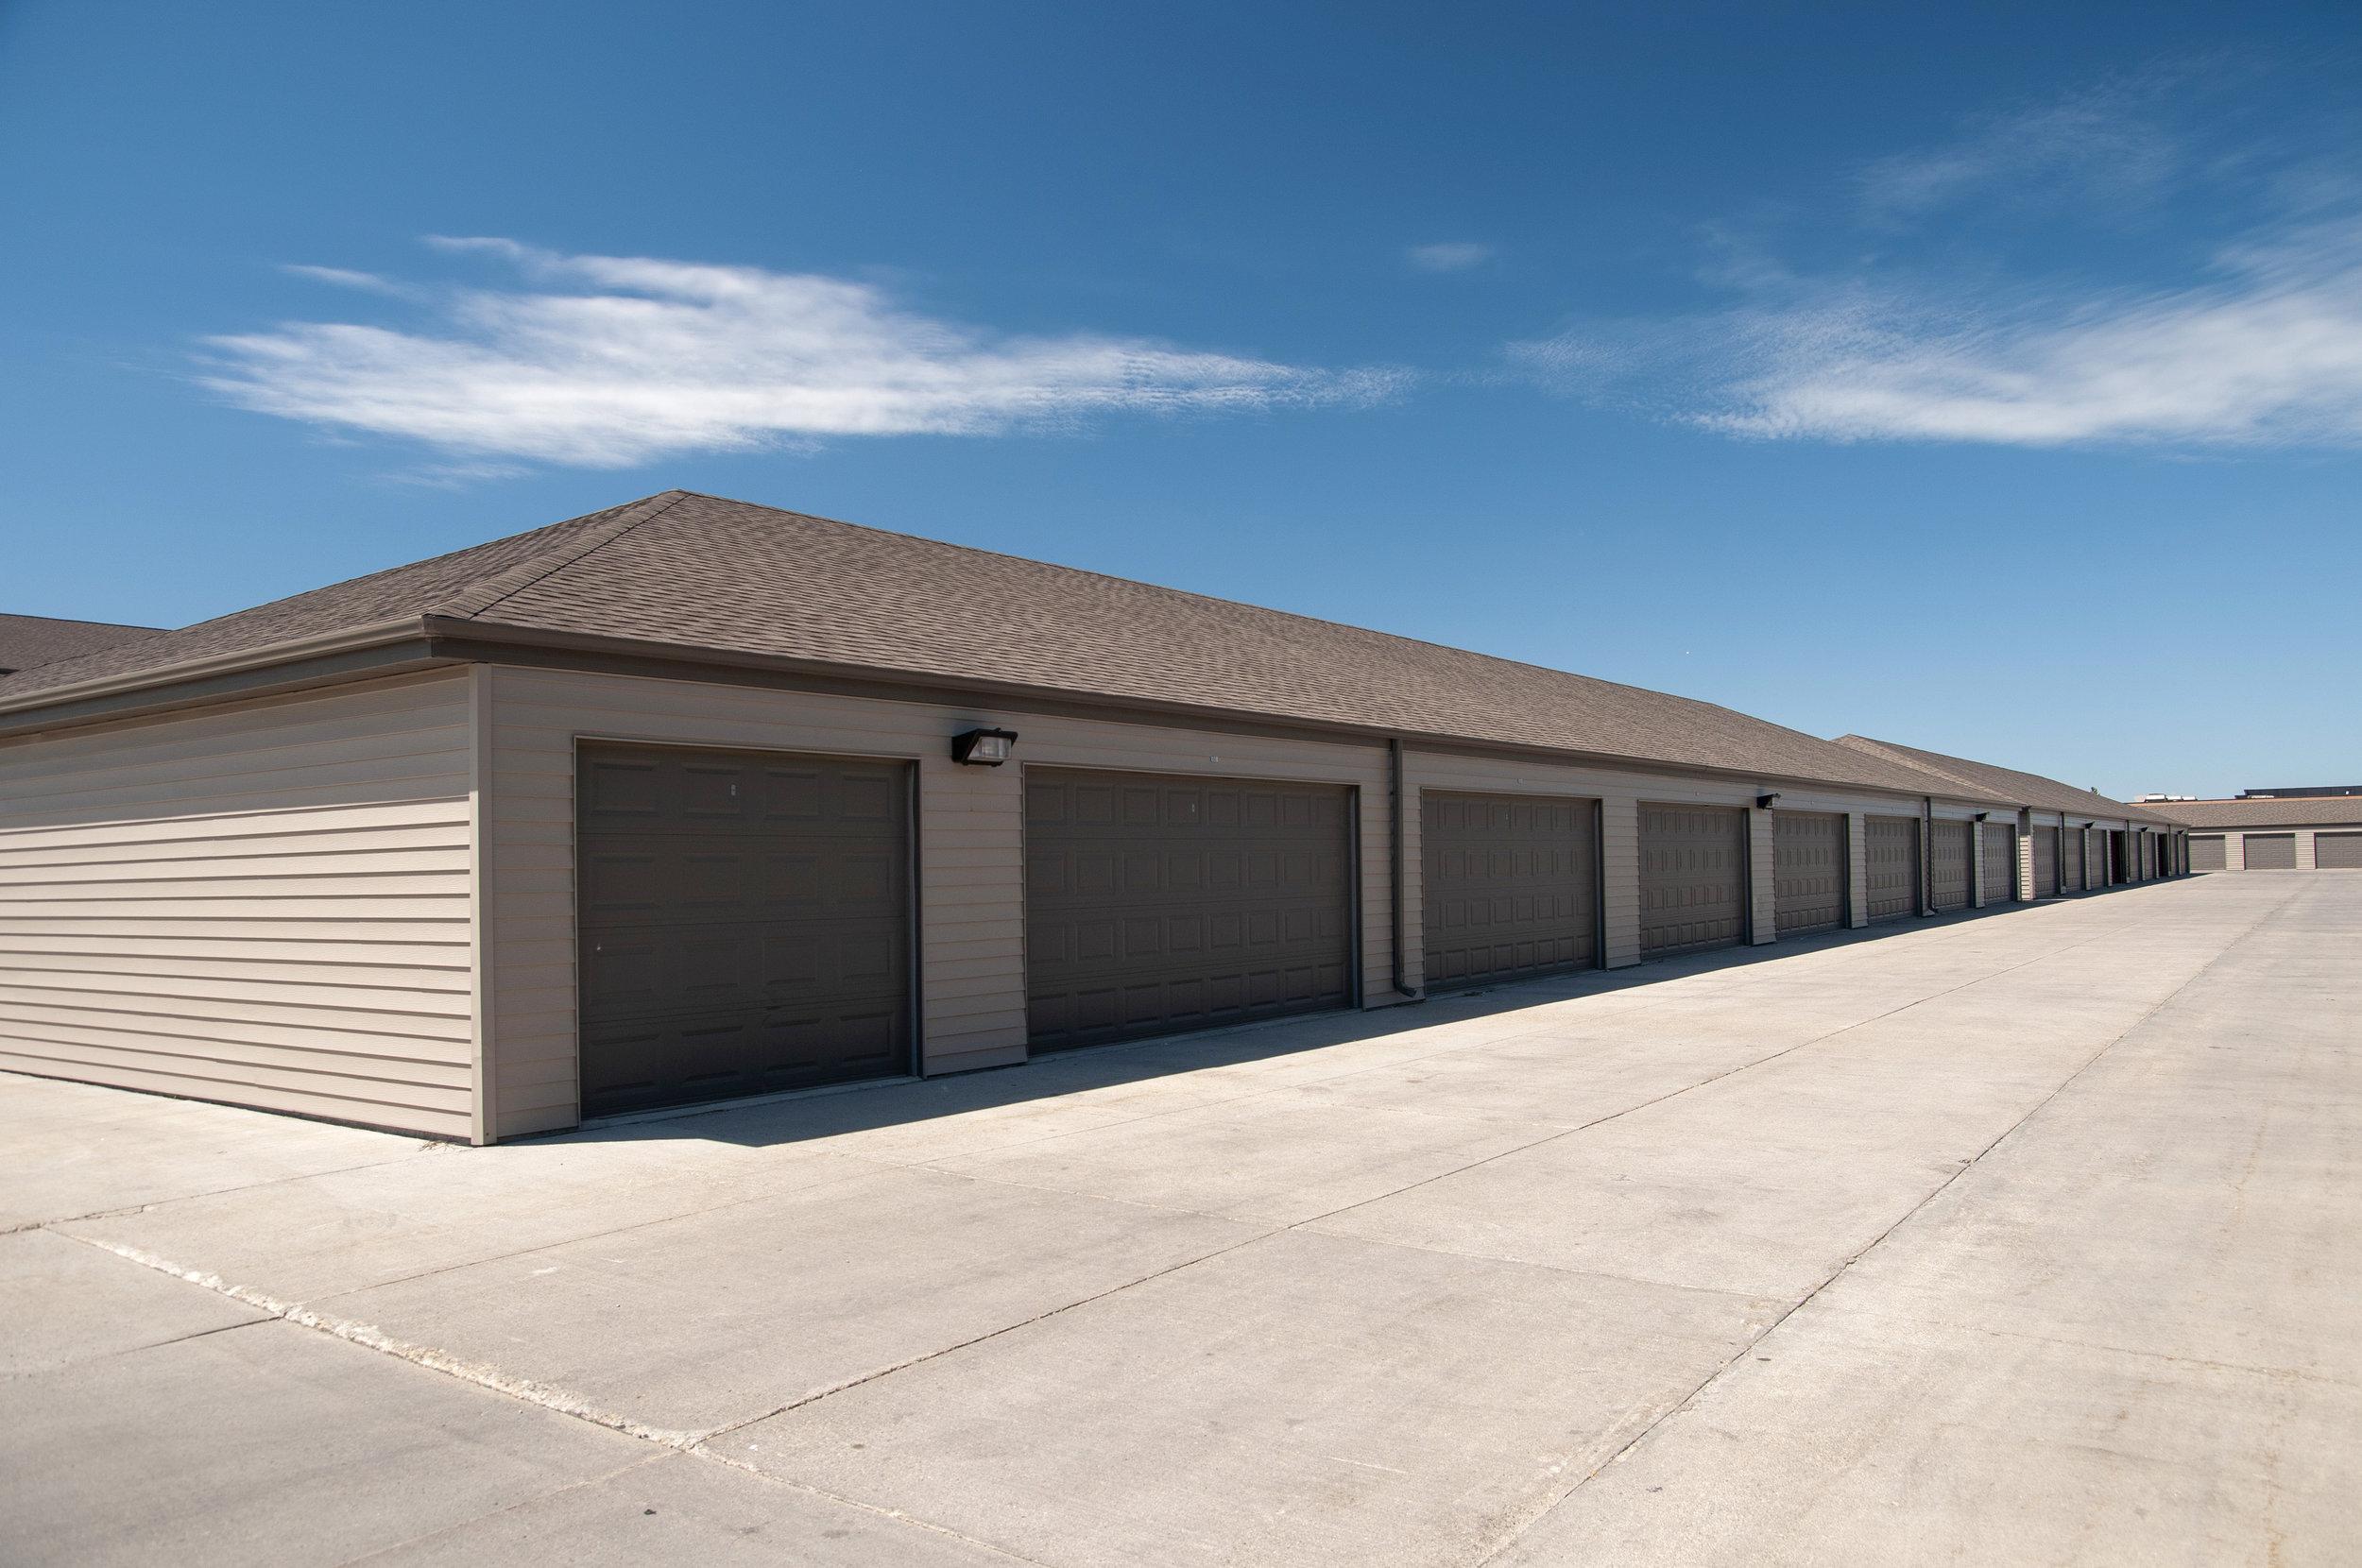 08 Detached Garage Included.jpg